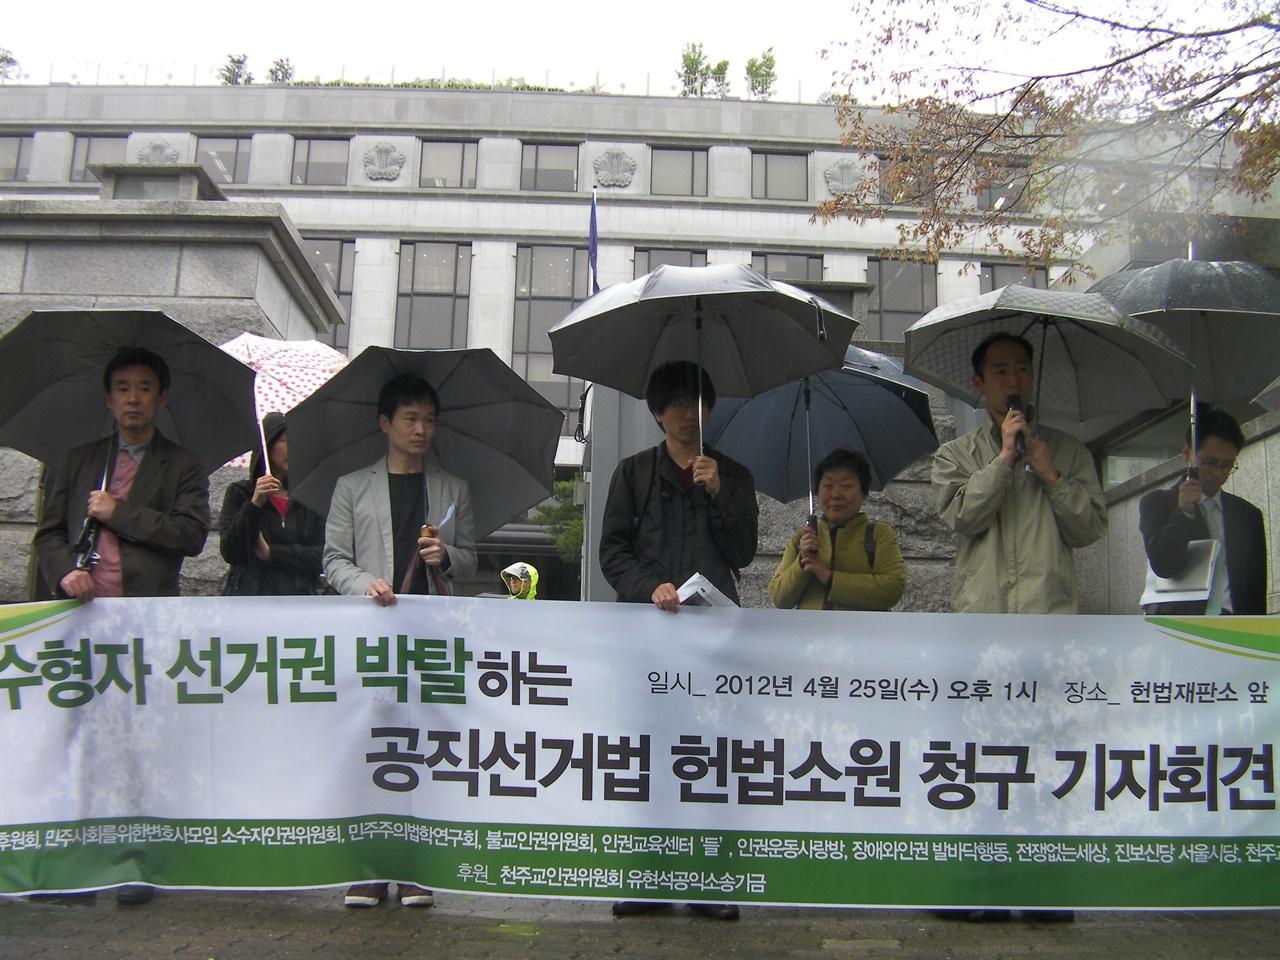 2012년 4월 헌법재판소 앞에서 열린 '수형자 선거권 박탈하는 공직선거법 헌법소원 청구 기자회견'